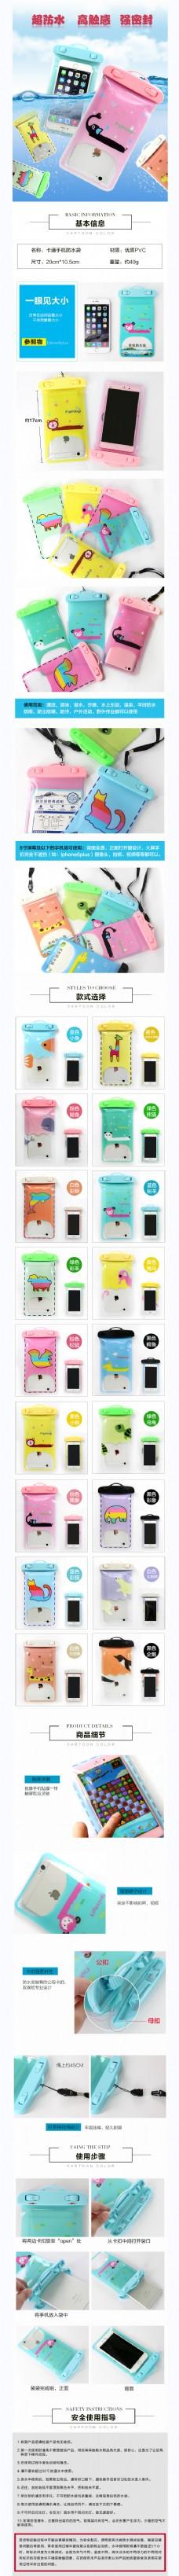 淘宝手机数码产品防水袋详情页psd设计